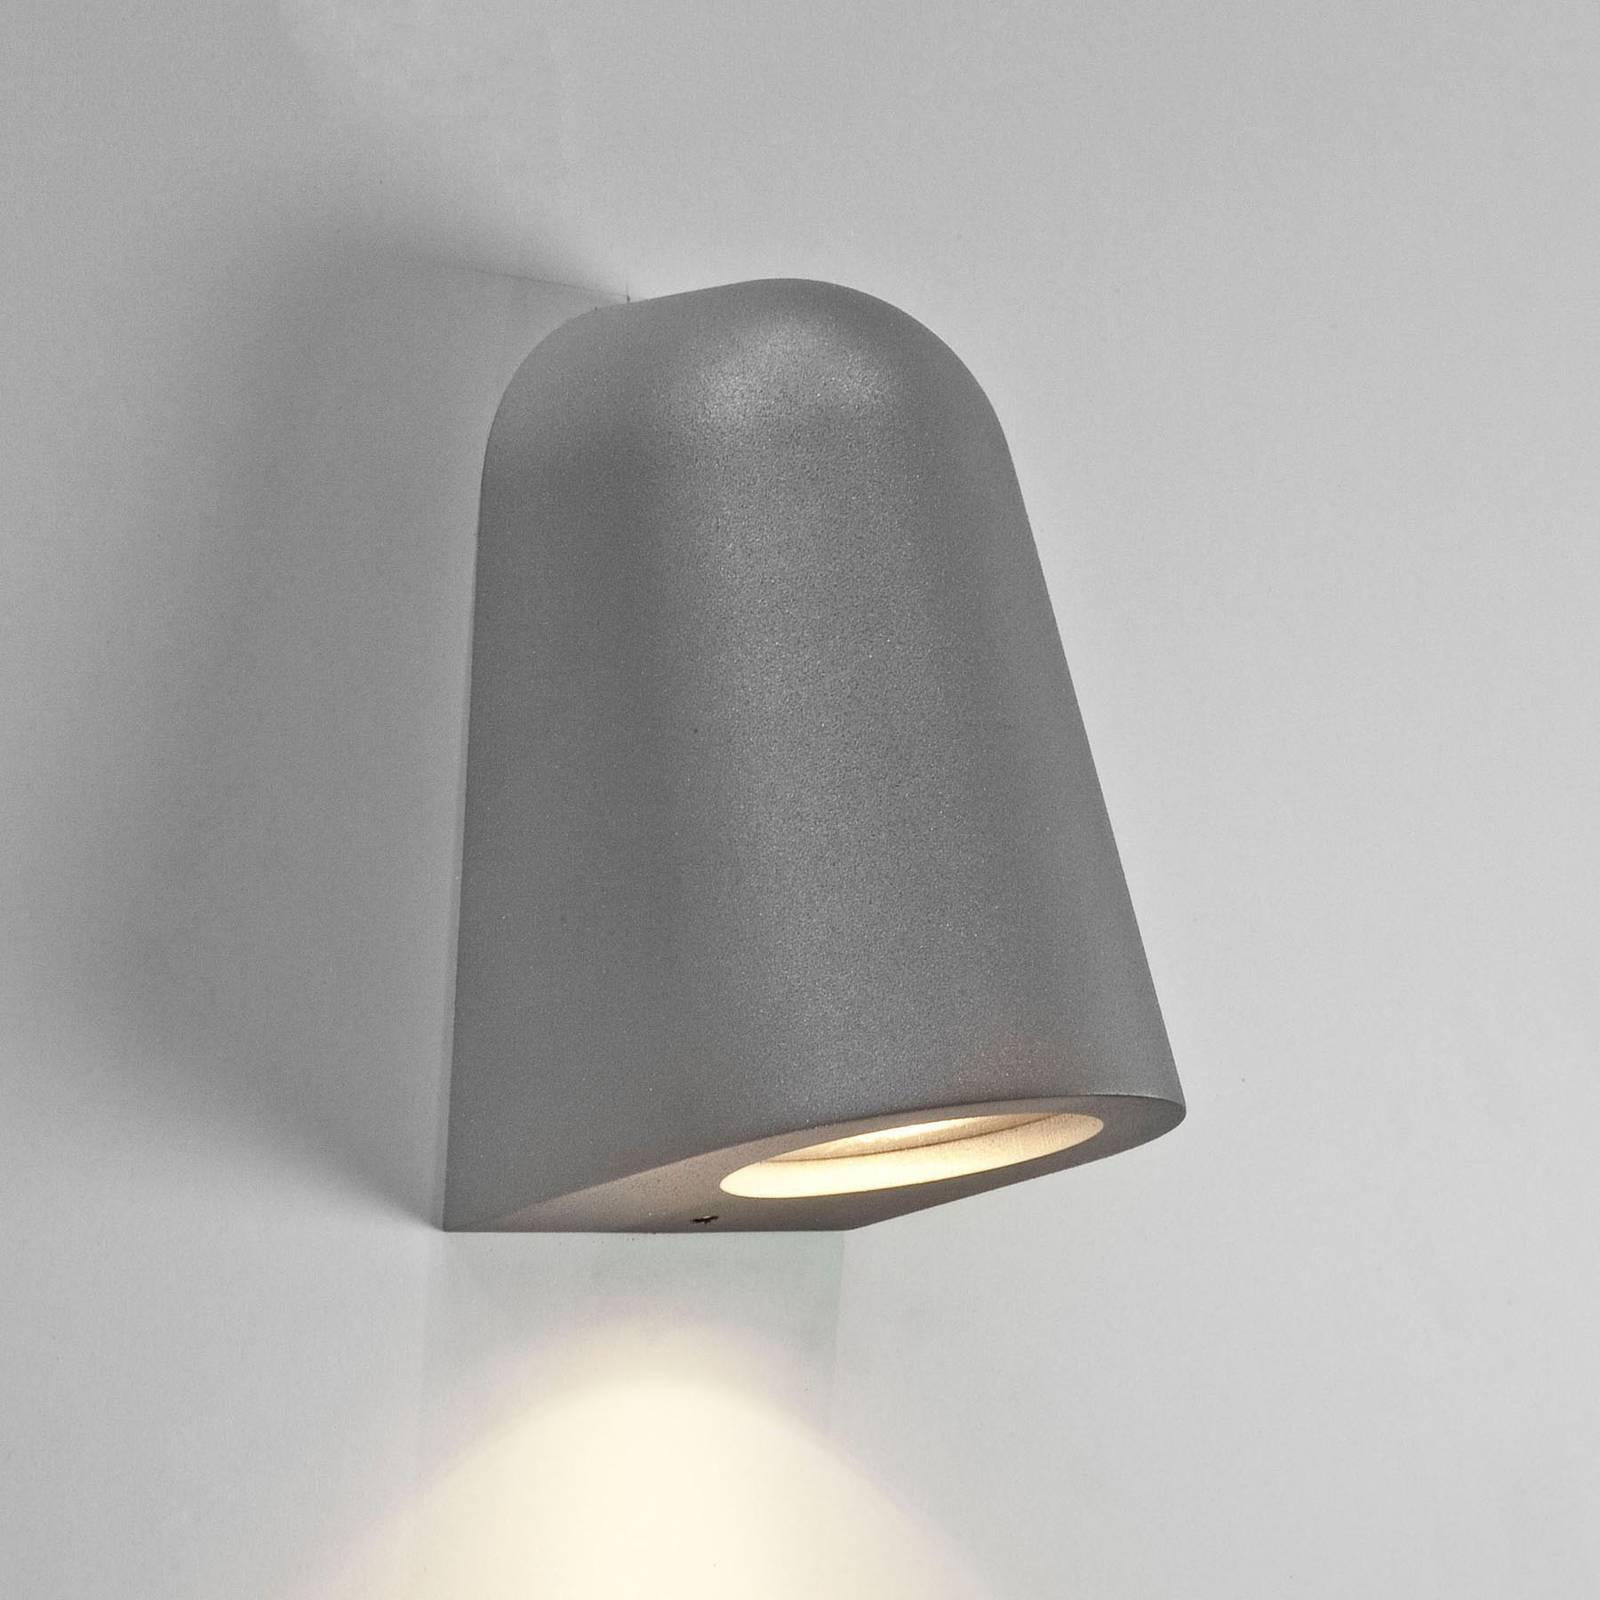 Astro Mast Light -ulkoseinälamppu, harmaa